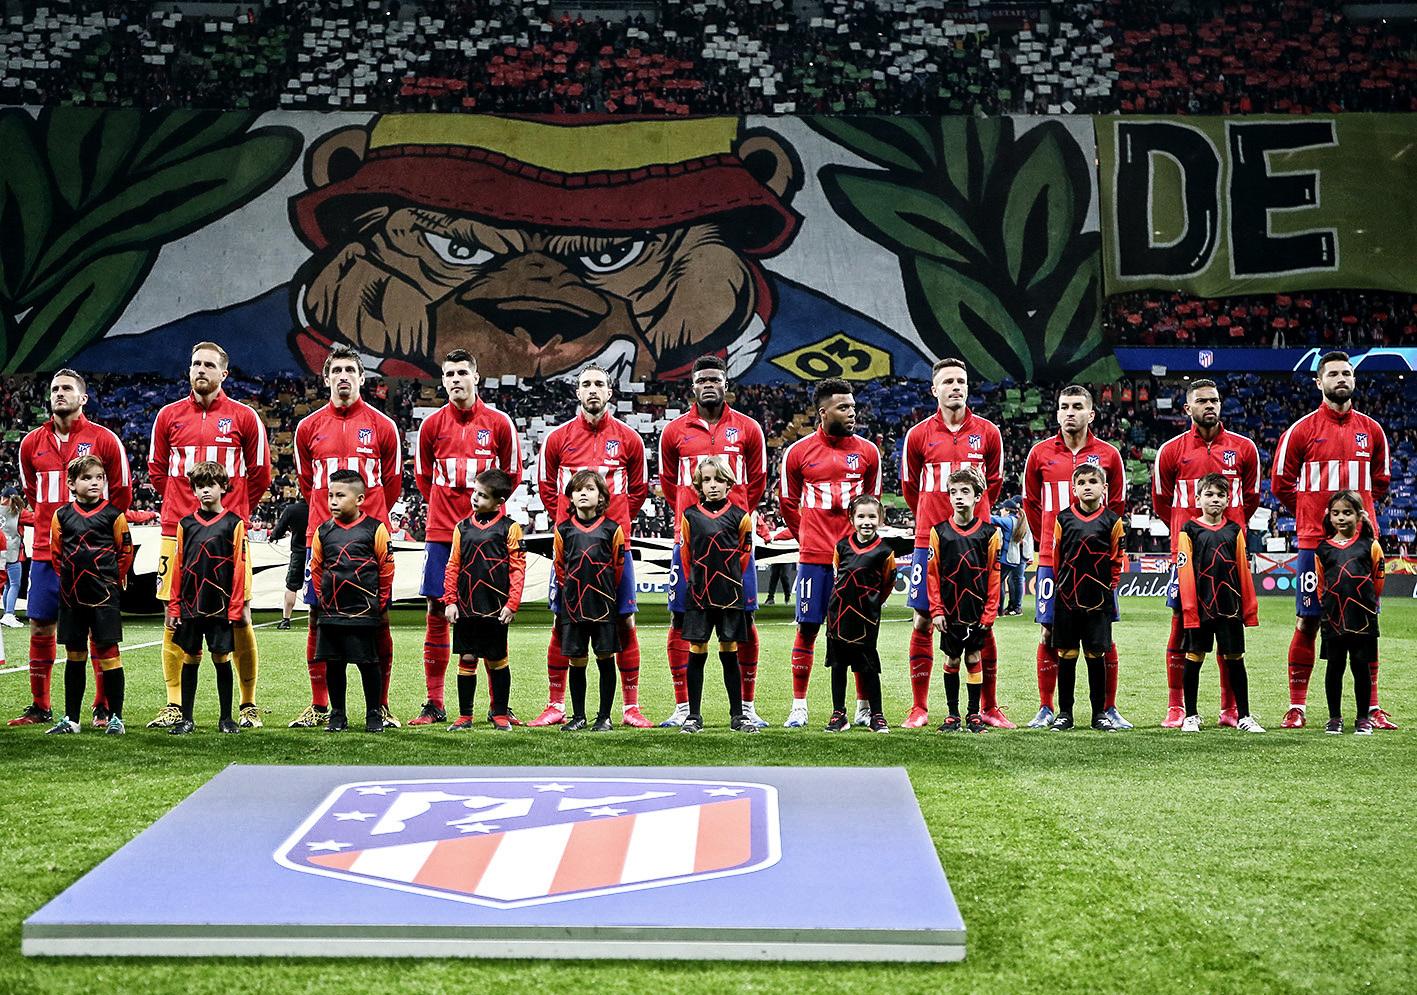 El once del Atlético de Madrid el martes ante el Liverpool (Foto: ATM).